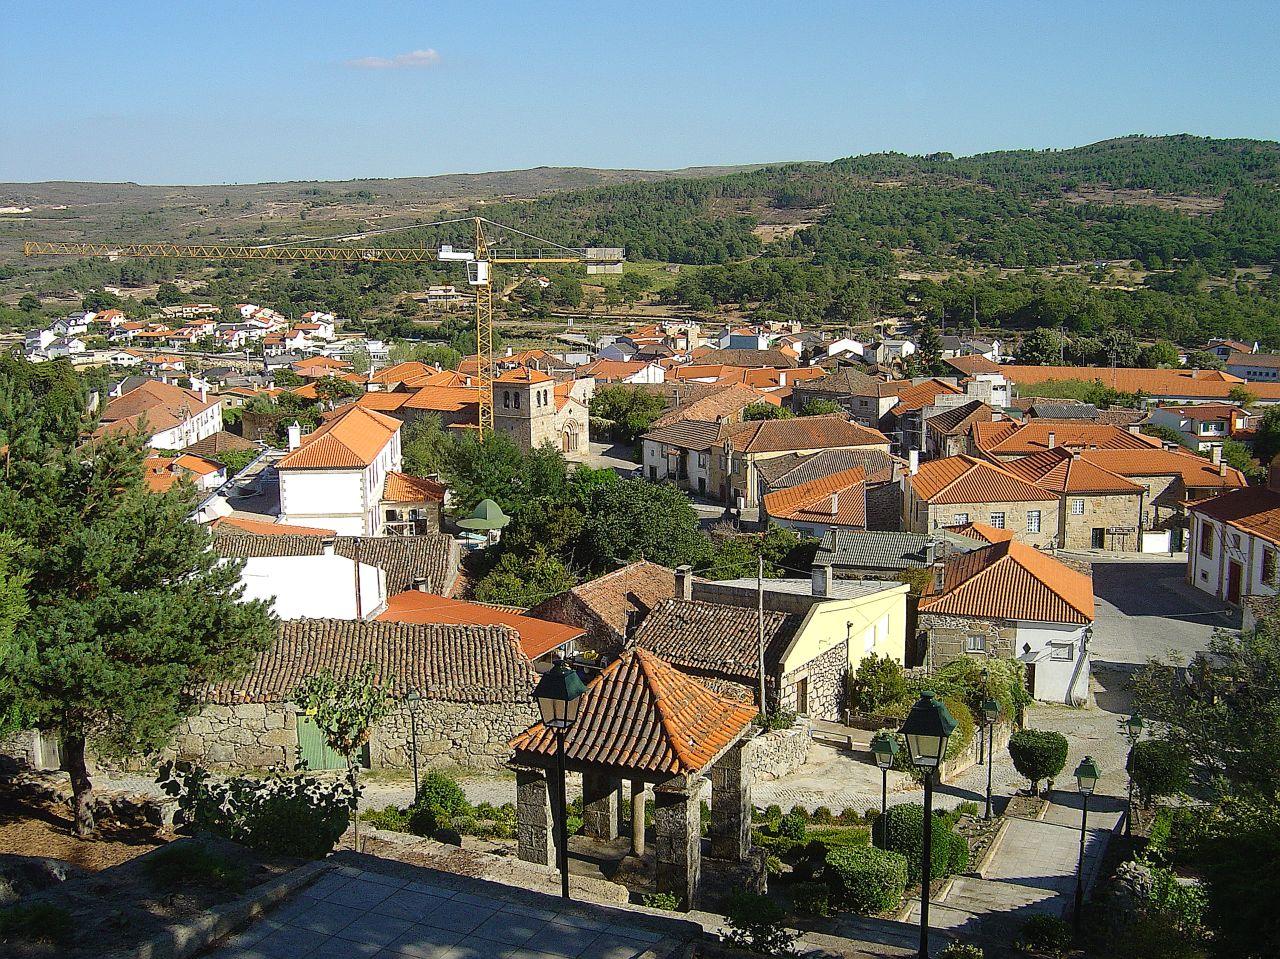 Sernancelhe, no distrito de Viseu / Flickr /Vitor Oliveira